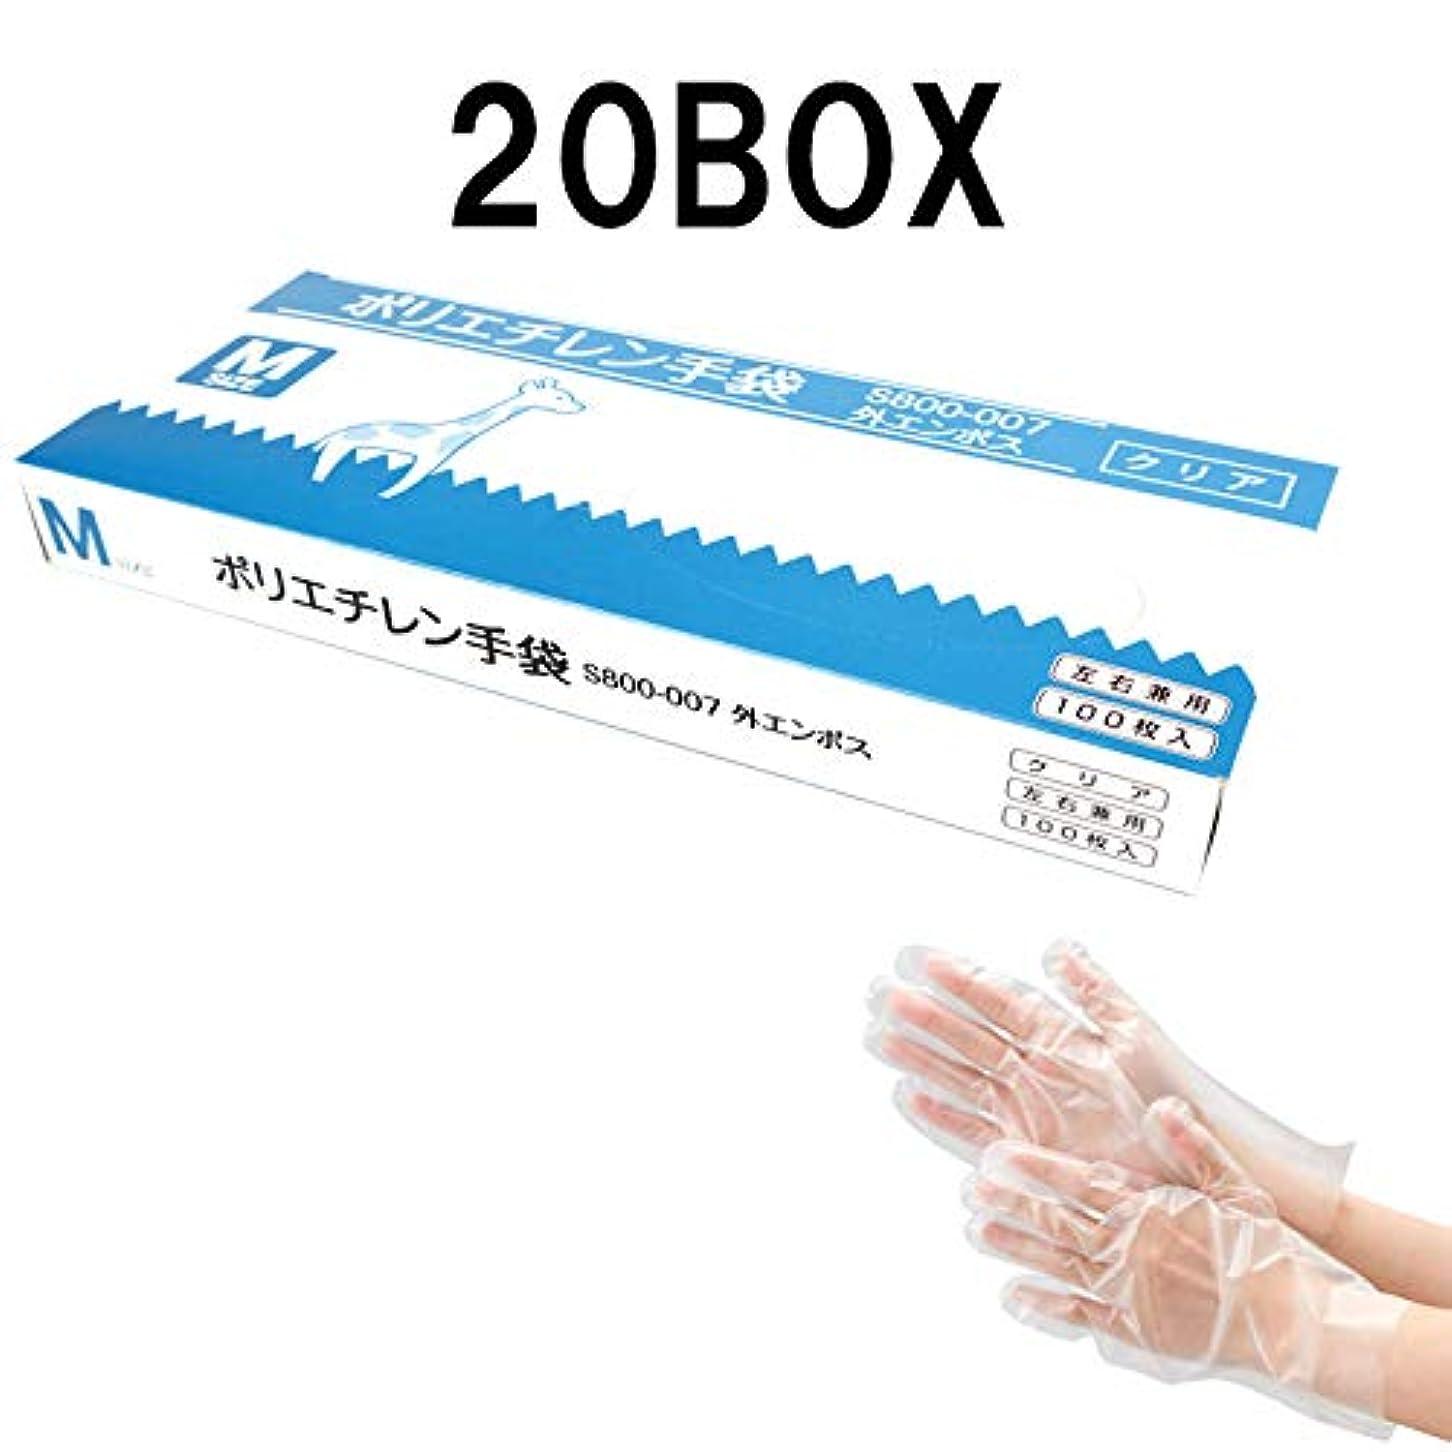 はしご祈り禁輸(2000枚) 使い捨て ポリエチレン手袋 Mサイズ 100枚入り×20BOX クリア色 左右兼用 外エンボス 食品衛生法適合品